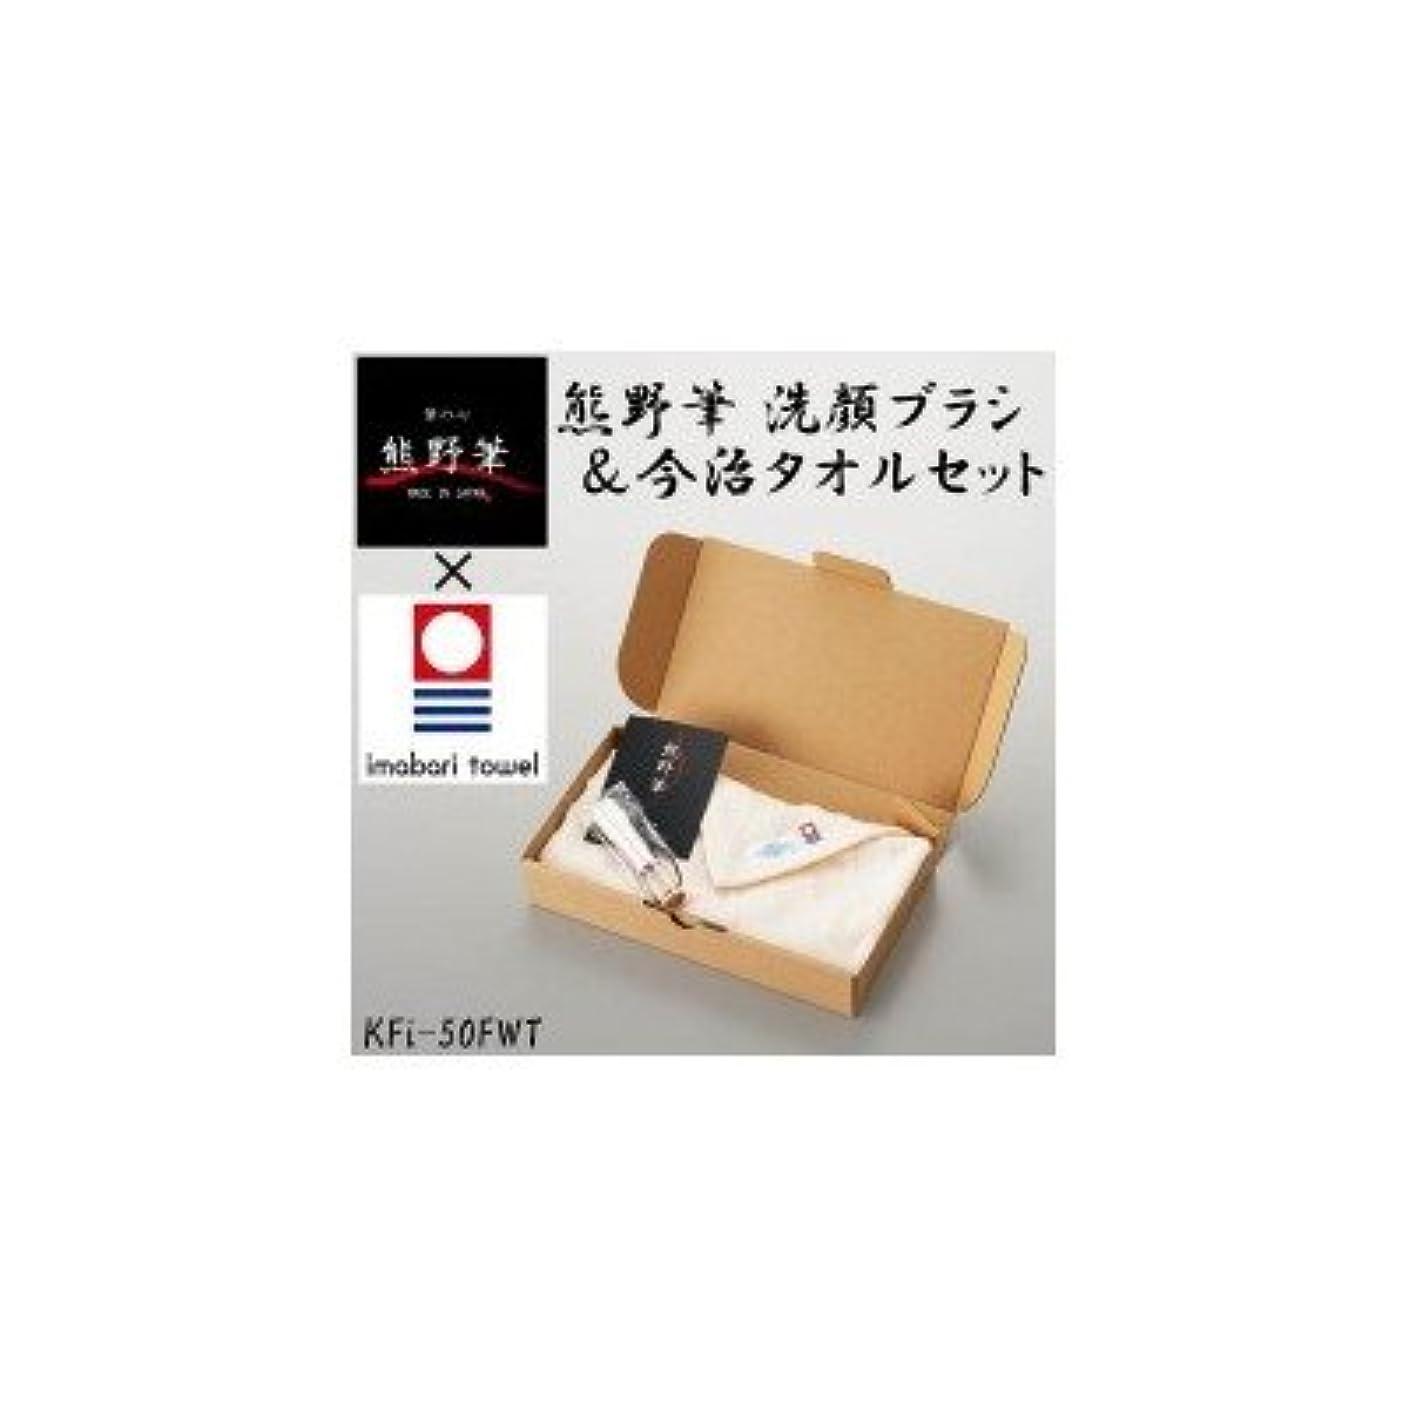 香水テーブルを設定する立法熊野筆と今治タオルのコラボレーション 熊野筆 洗顔ブラシ&今治タオルセット KFi-50FWT